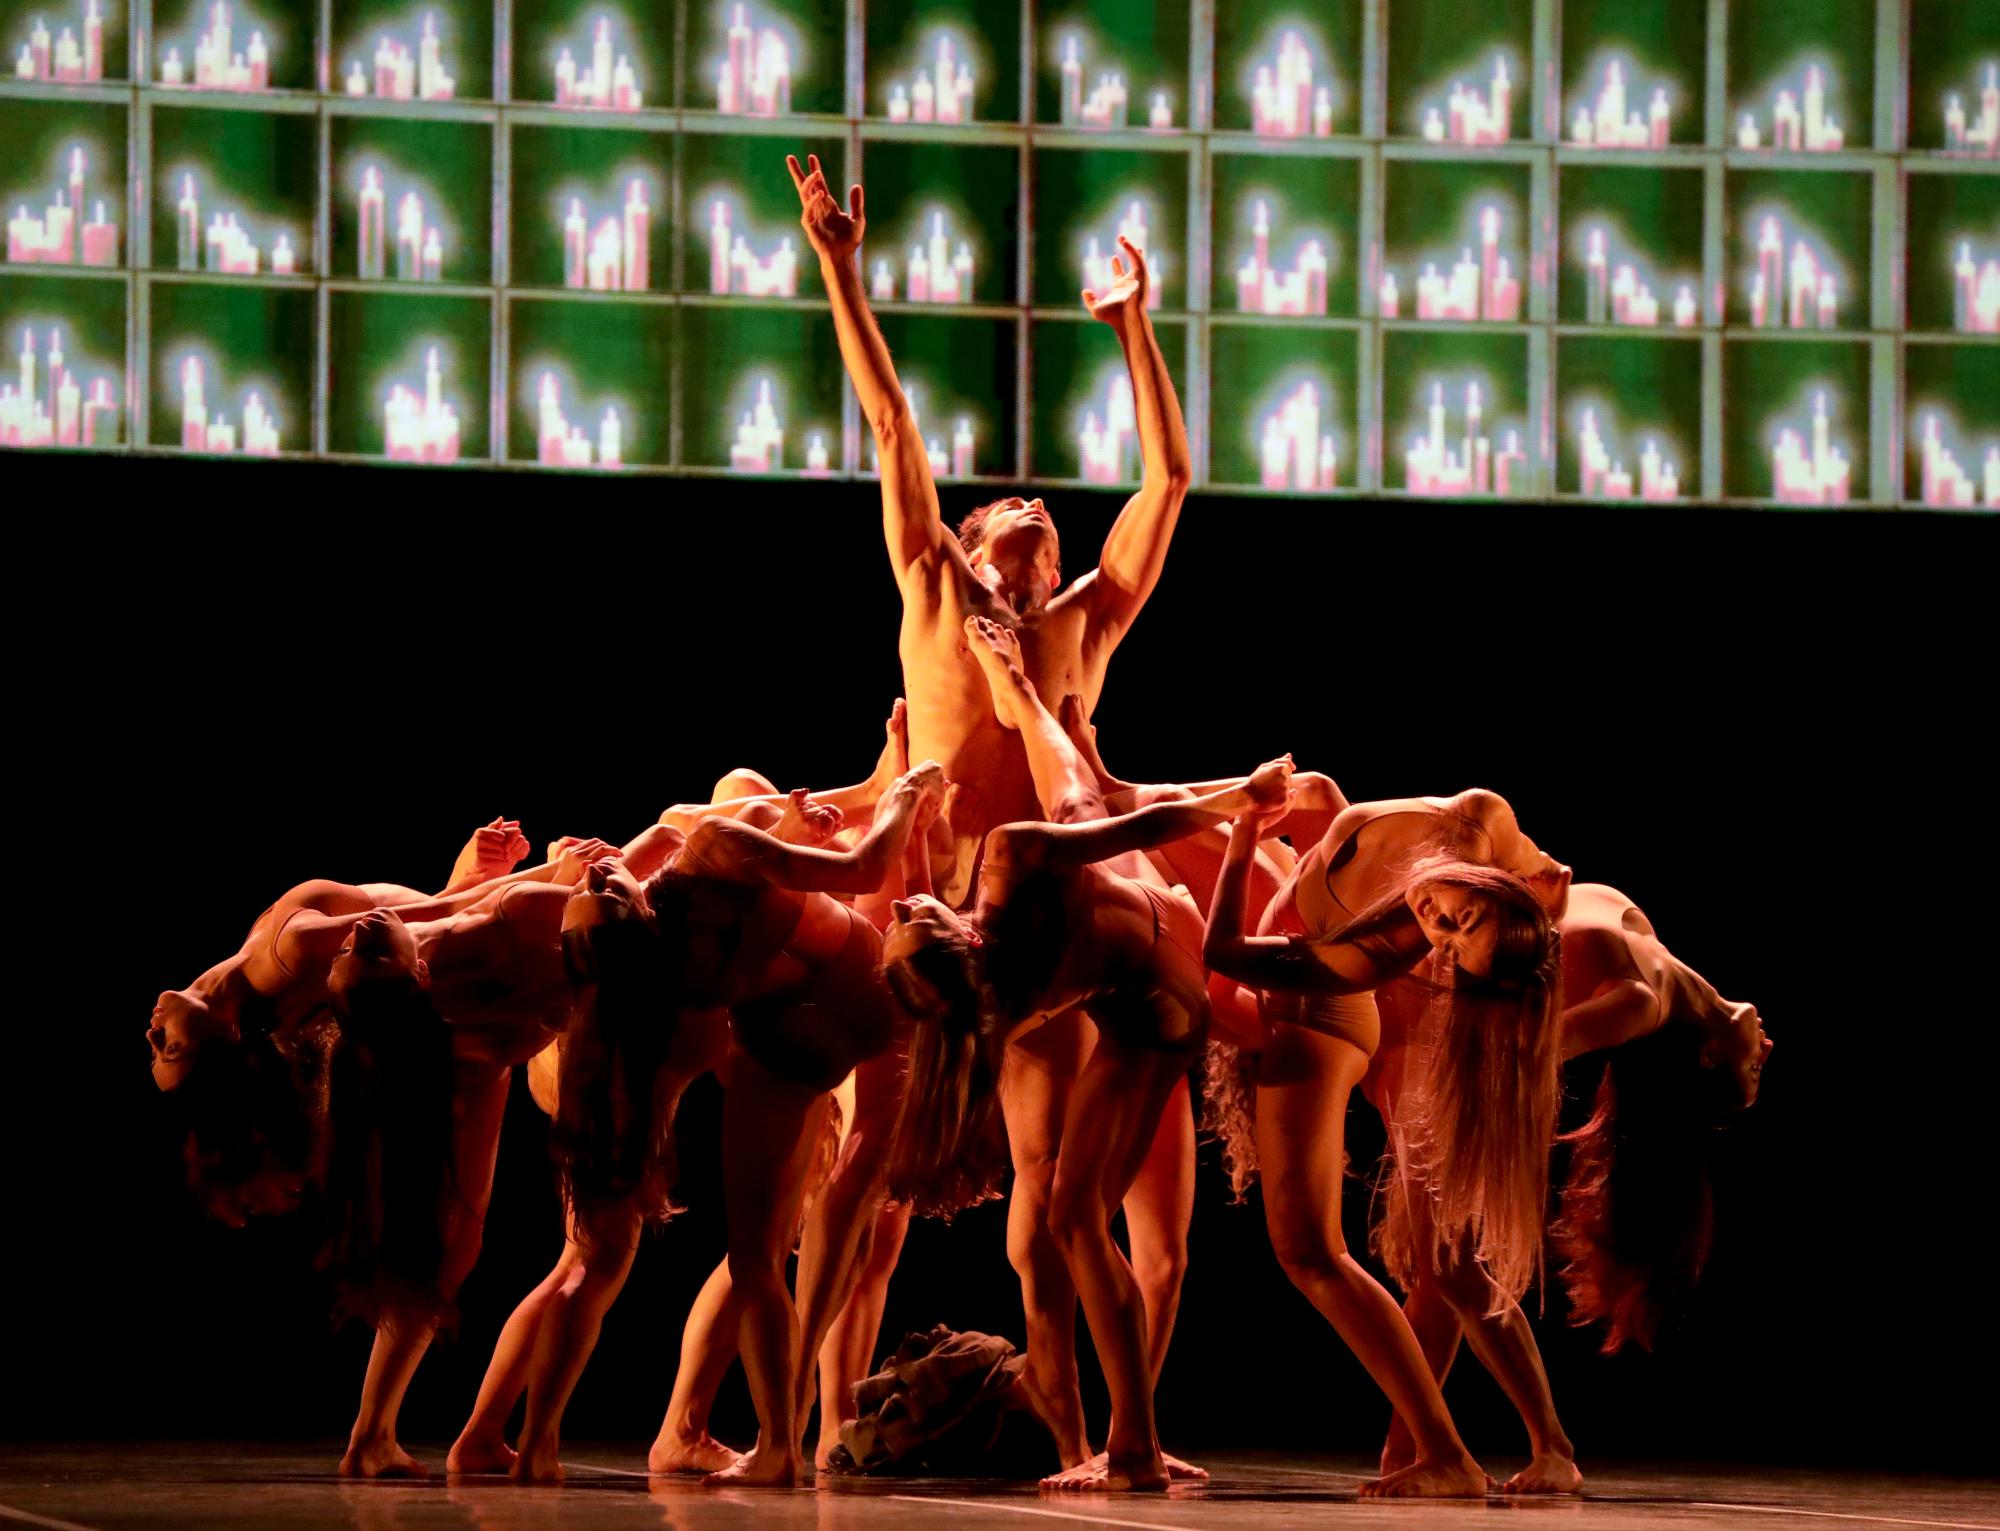 Gabriele Corrado e il Corpo di ballo - ph. credit Brescia/Amisano - Teatro alla Scala